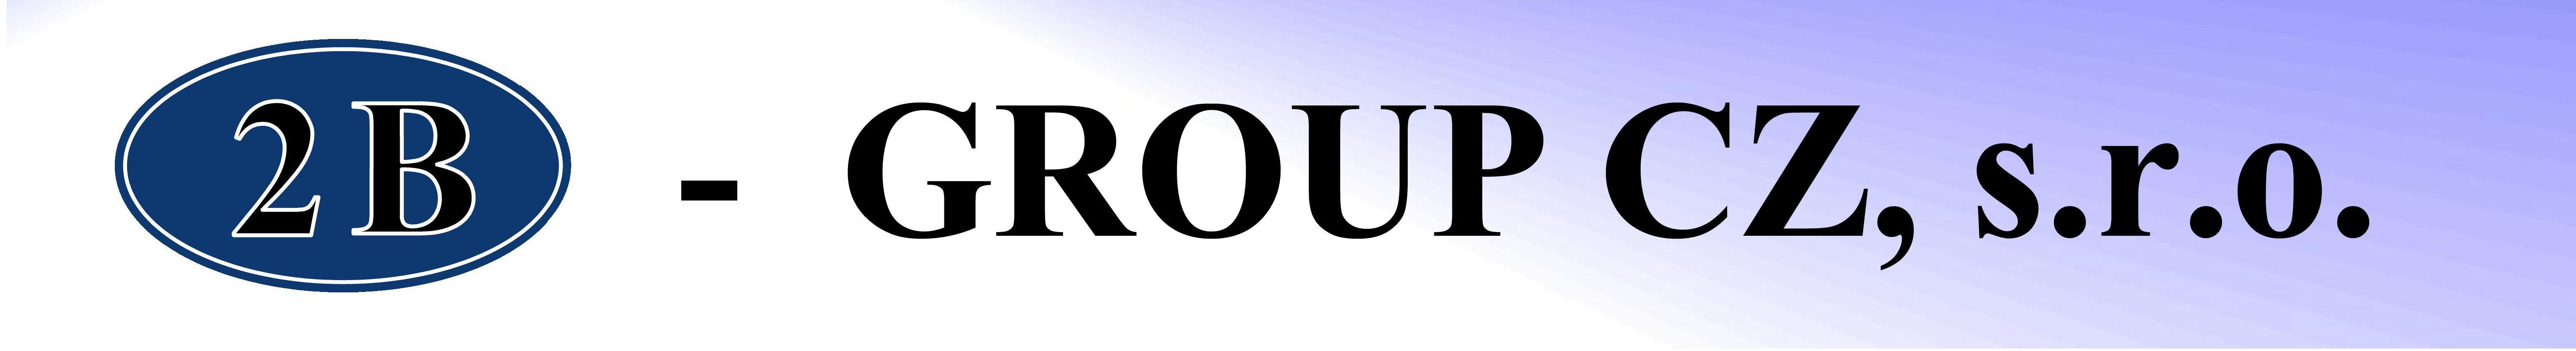 logo firmy 2B GROUP CZ, s.r.o.